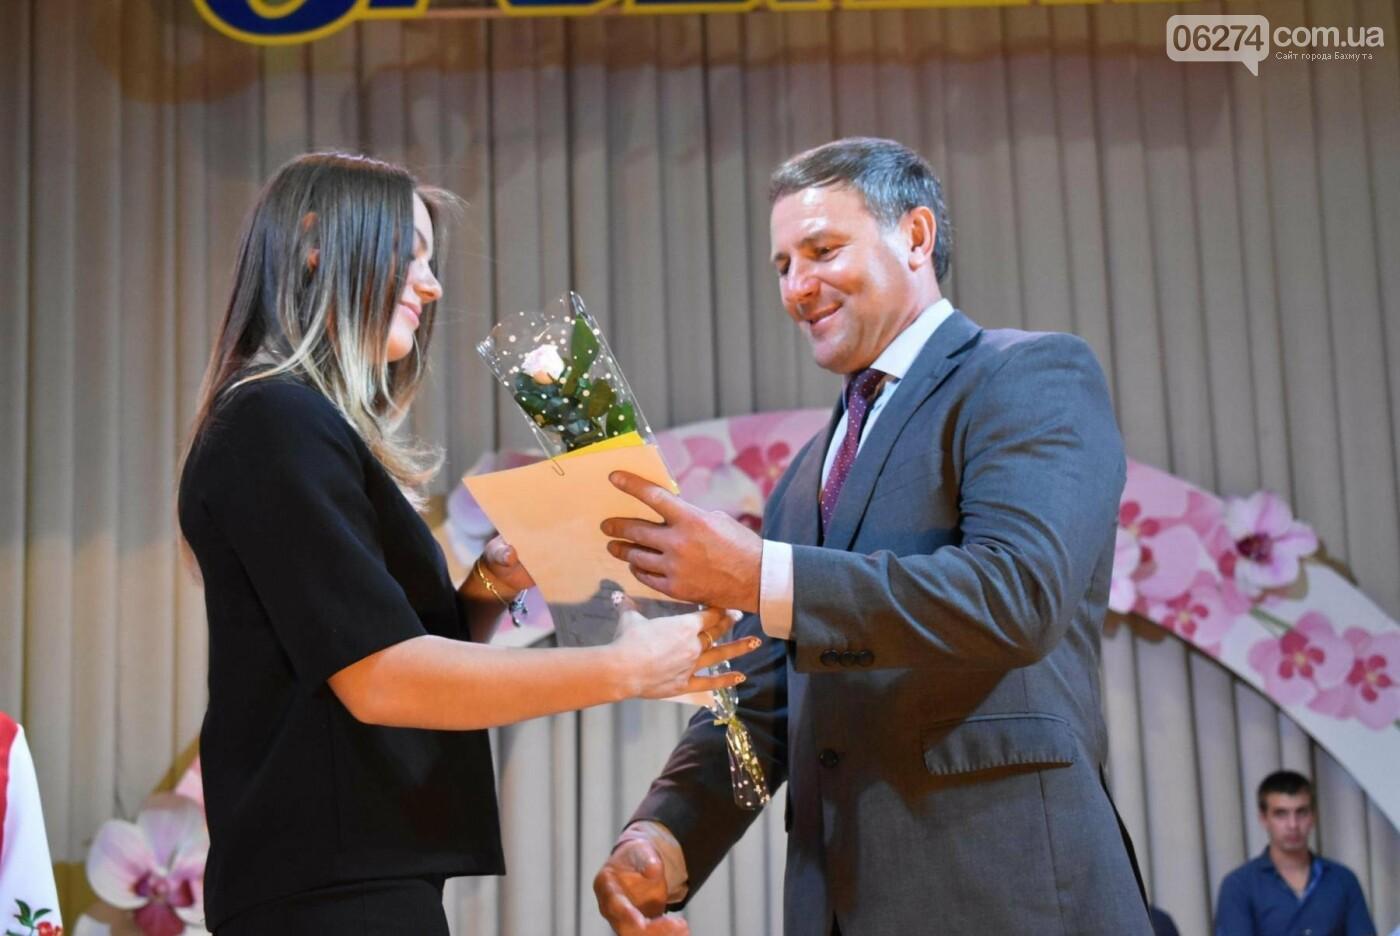 В Бахмуте поздравили работников физической культуры и спорта, фото-11